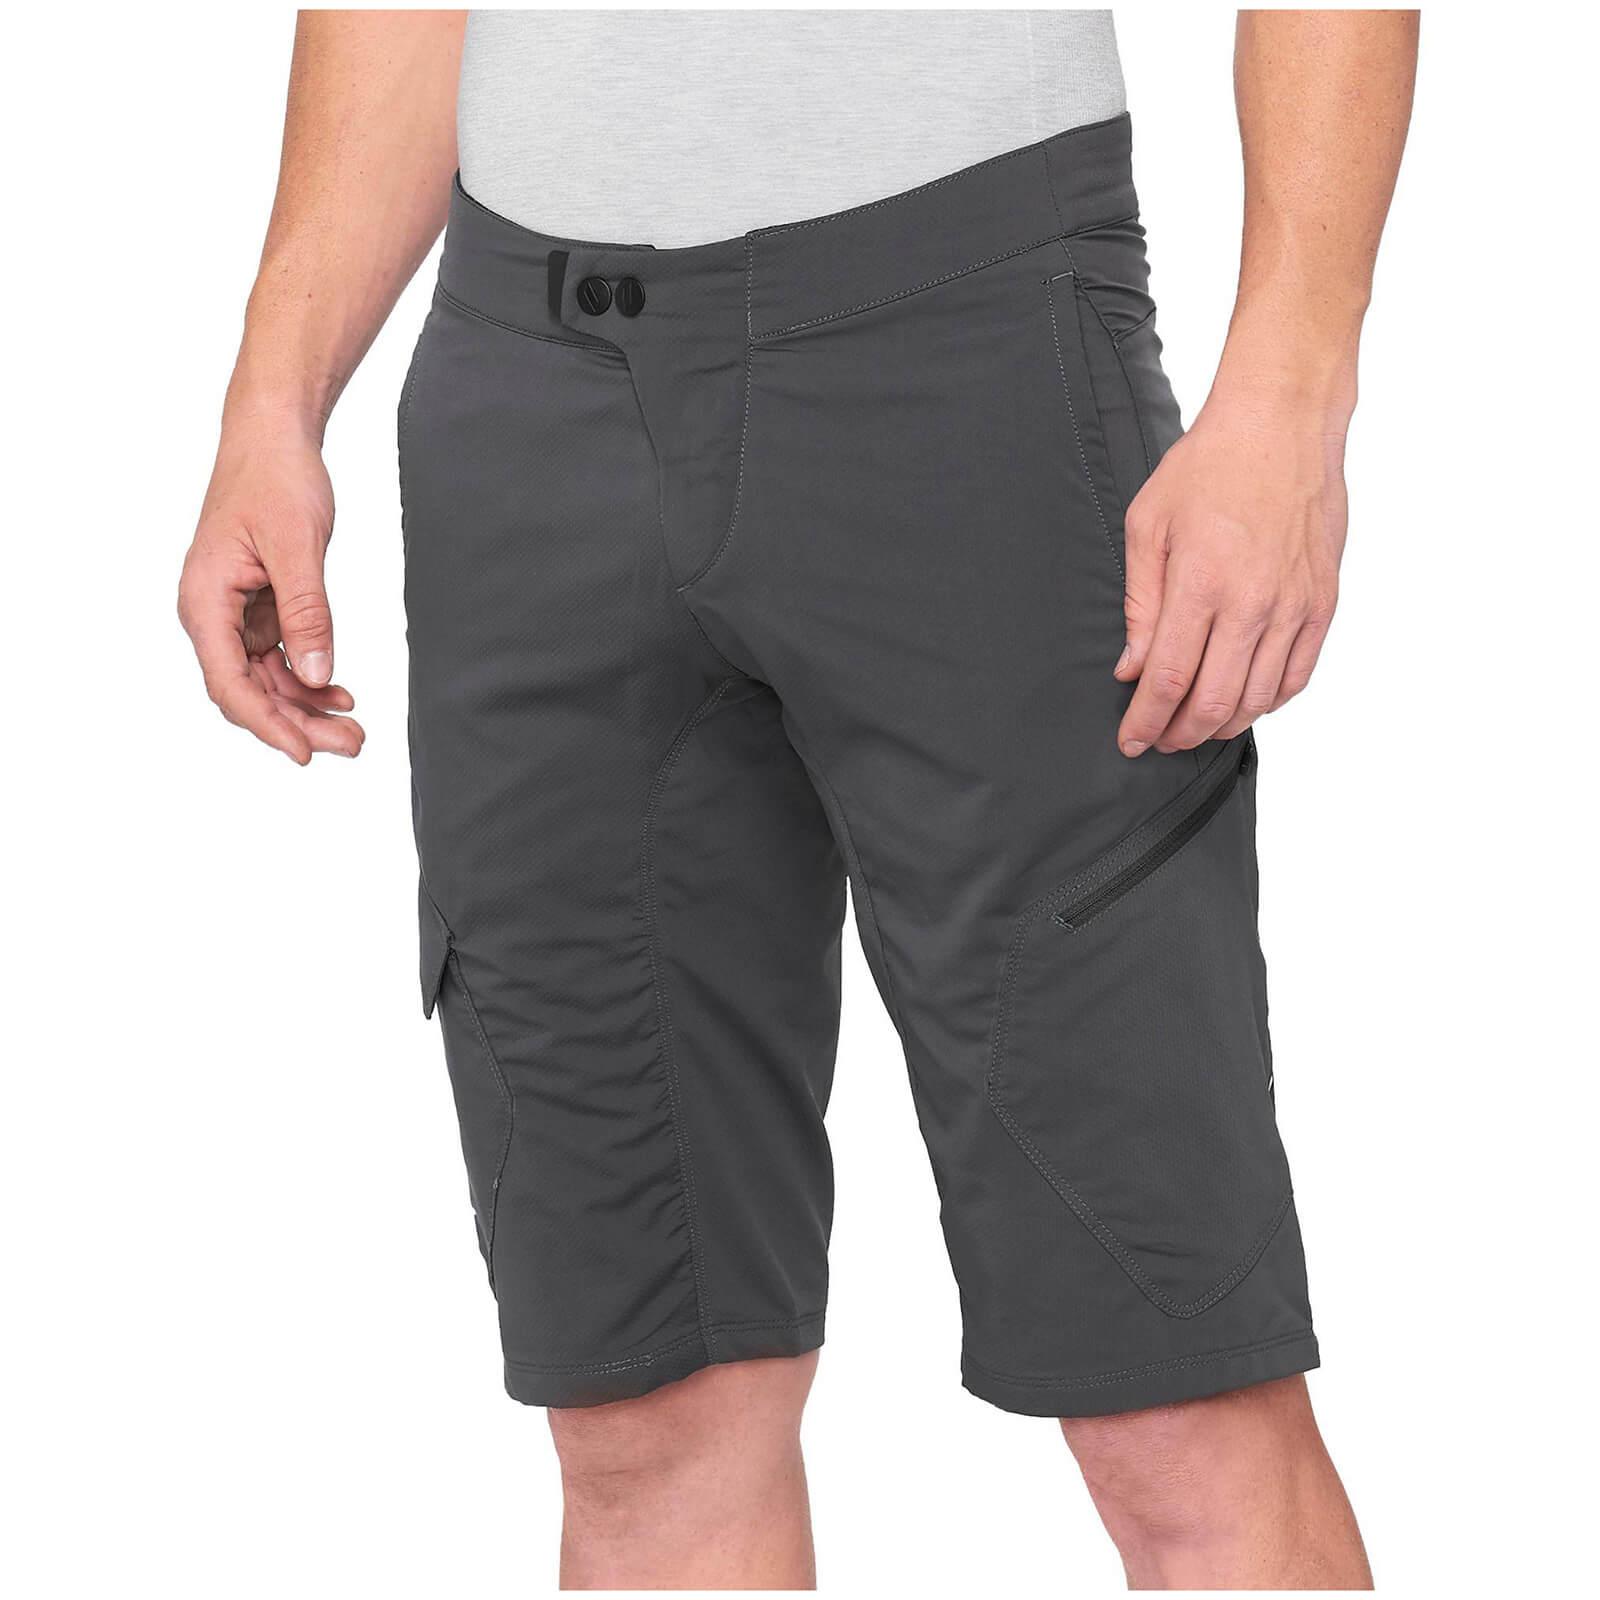 100% Ridecamp Mtb Shorts - 30 - Charcoal